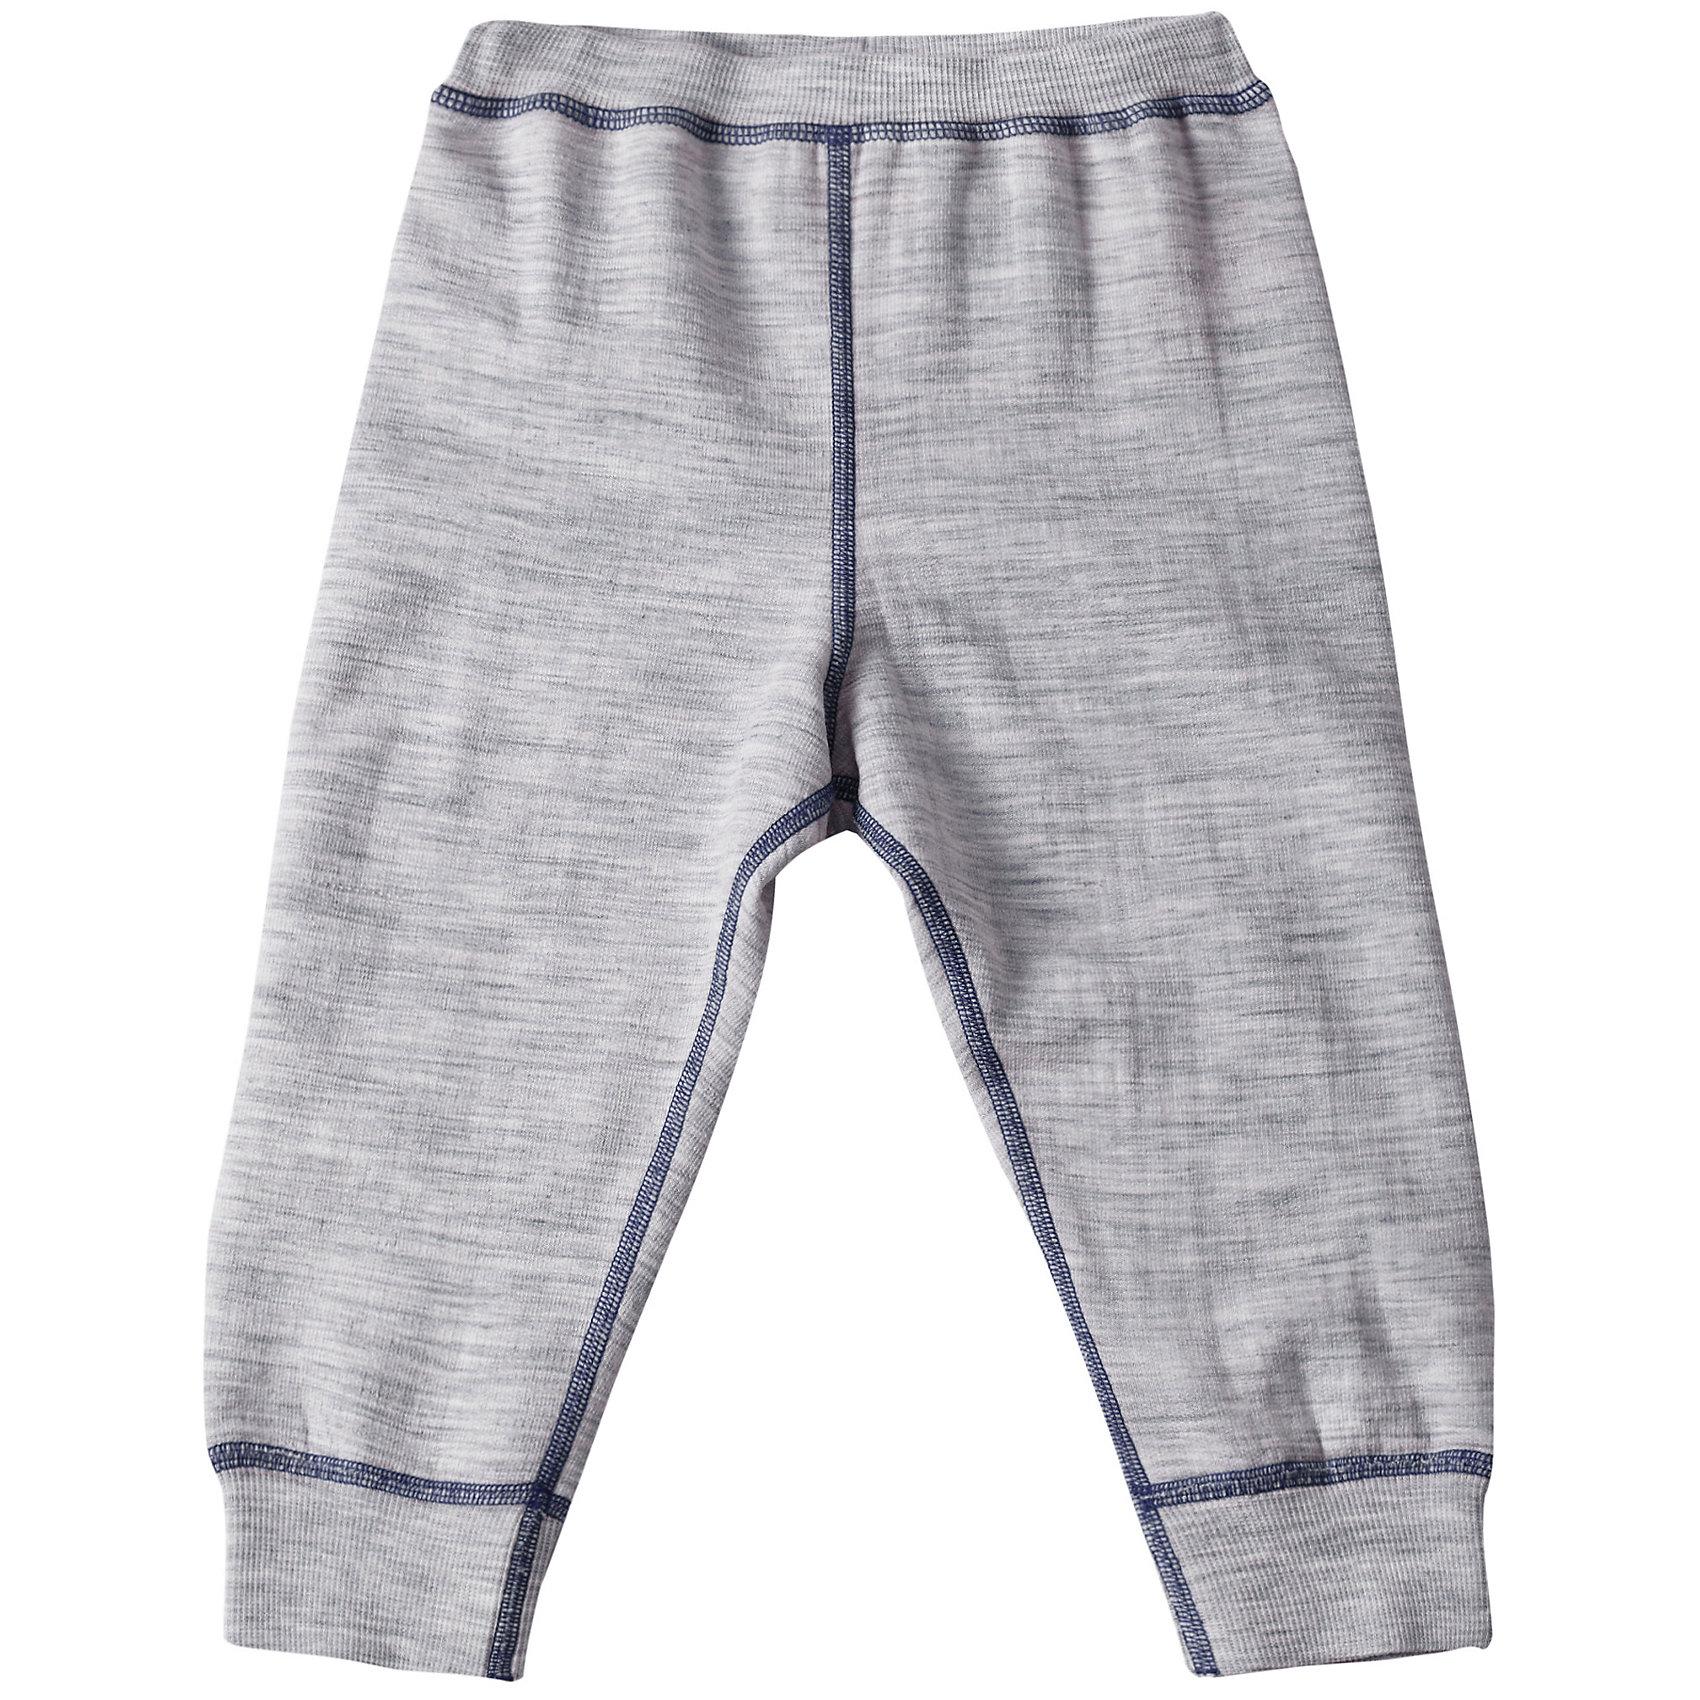 Брюки ReimaОдежда<br>Шерстяные брюки от популярной финской марки Reima.<br>Состав:<br>80% Шерсть 20% ПЭ<br><br>Особенности:<br>шерстяные брюки<br>теплая одежда промежуточного слоя из смеси шерсти<br>удобные вязаные манжеты и низ брючин<br>тонкие плоские швы для экстракомфорта, не натирают<br><br>Шерстяные брюки Reima (Рейма) можно купить в нашем магазине.<br><br>Ширина мм: 219<br>Глубина мм: 11<br>Высота мм: 262<br>Вес г: 314<br>Цвет: серый<br>Возраст от месяцев: 72<br>Возраст до месяцев: 84<br>Пол: Унисекс<br>Возраст: Детский<br>Размер: 122,86,74,98,110<br>SKU: 3924904